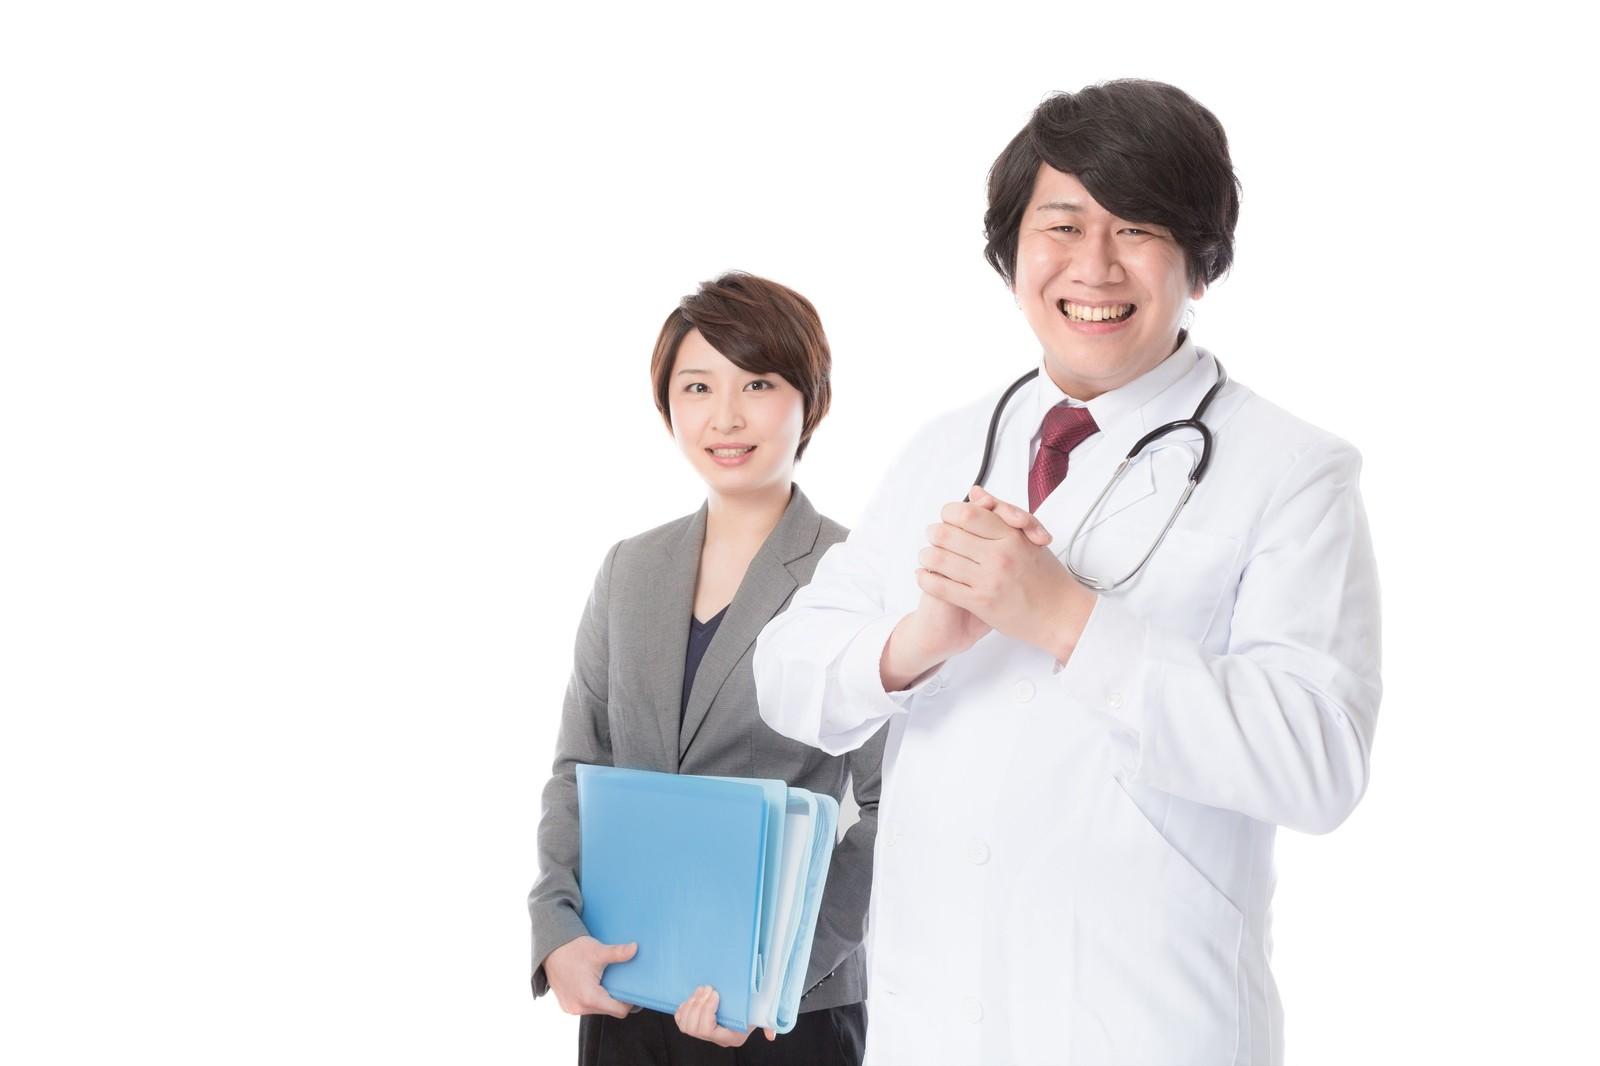 医者と助手